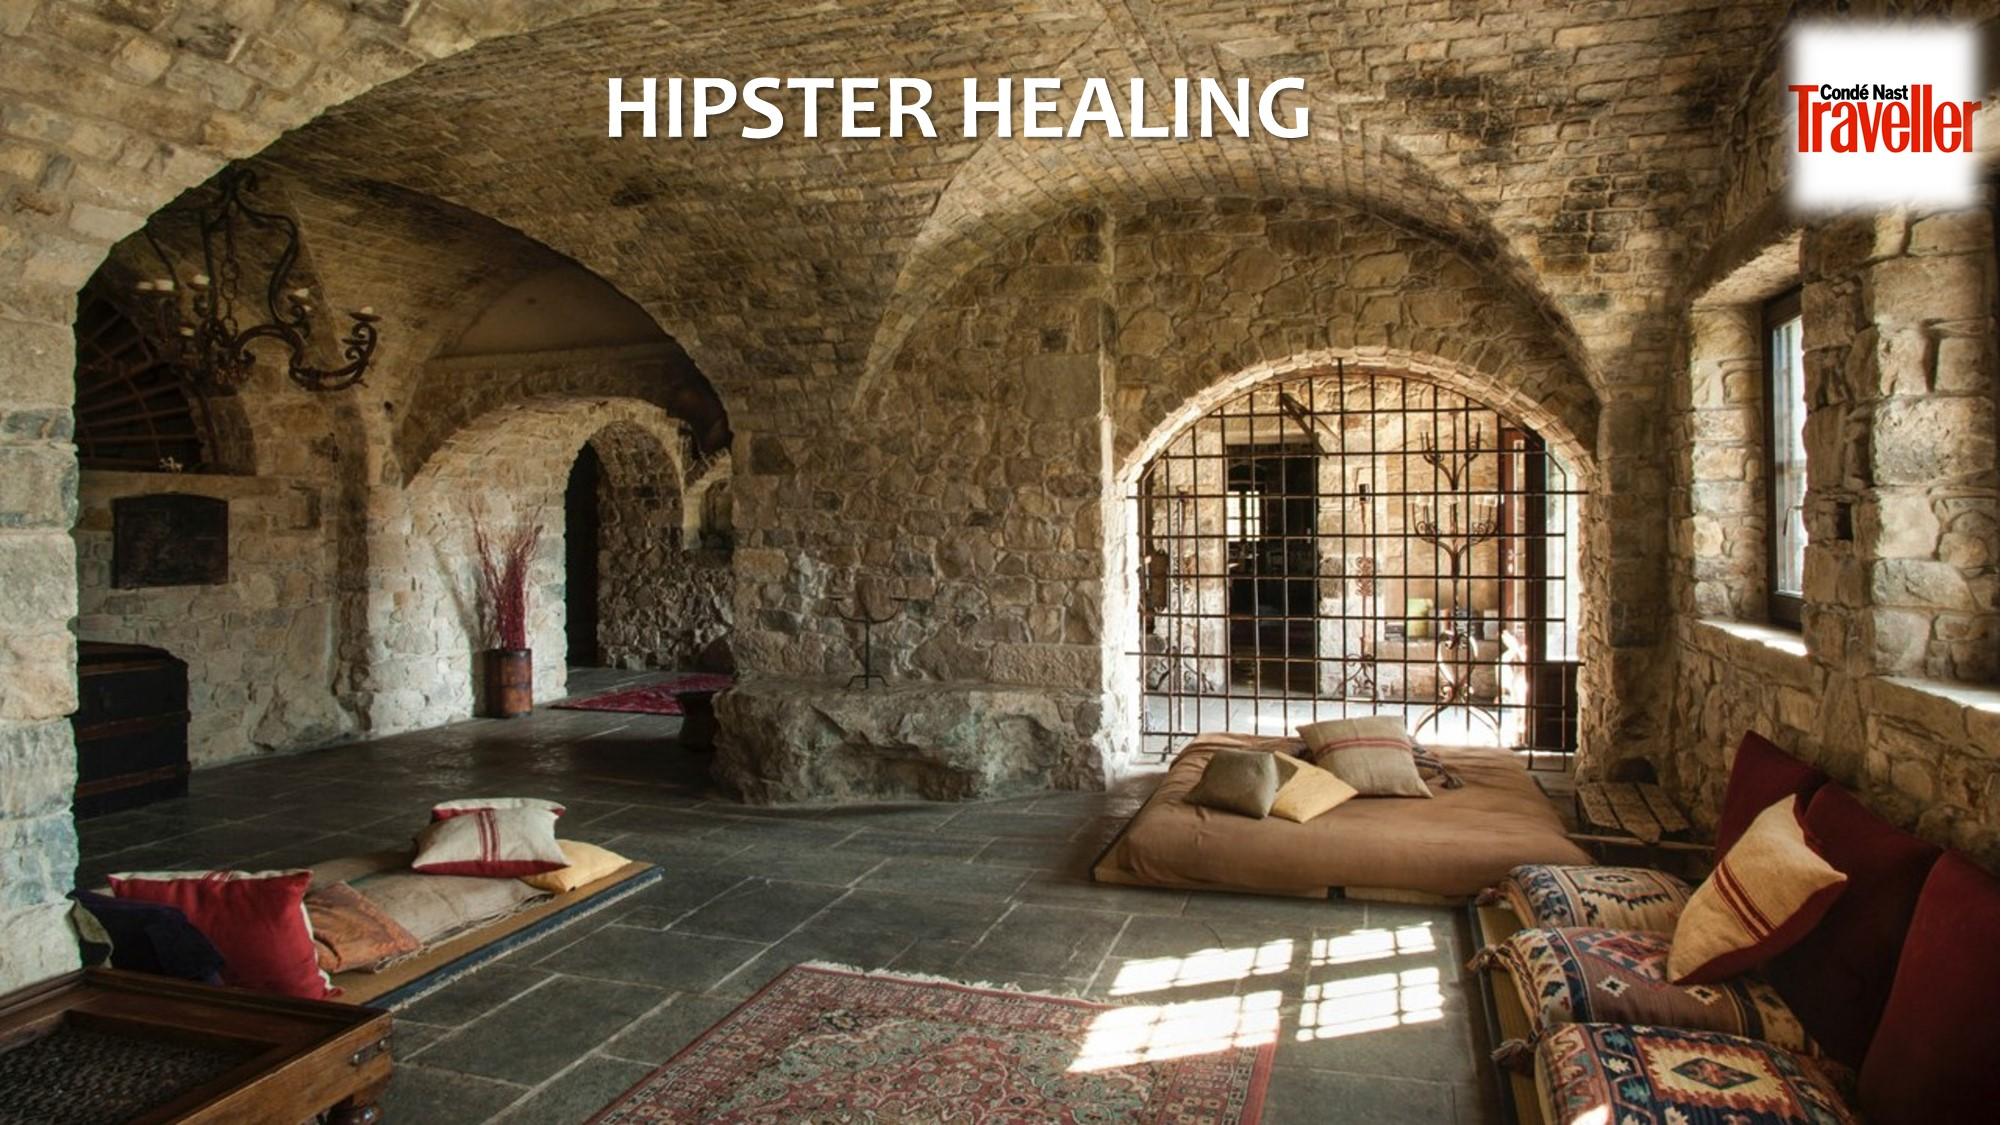 HIPSTER HEALING